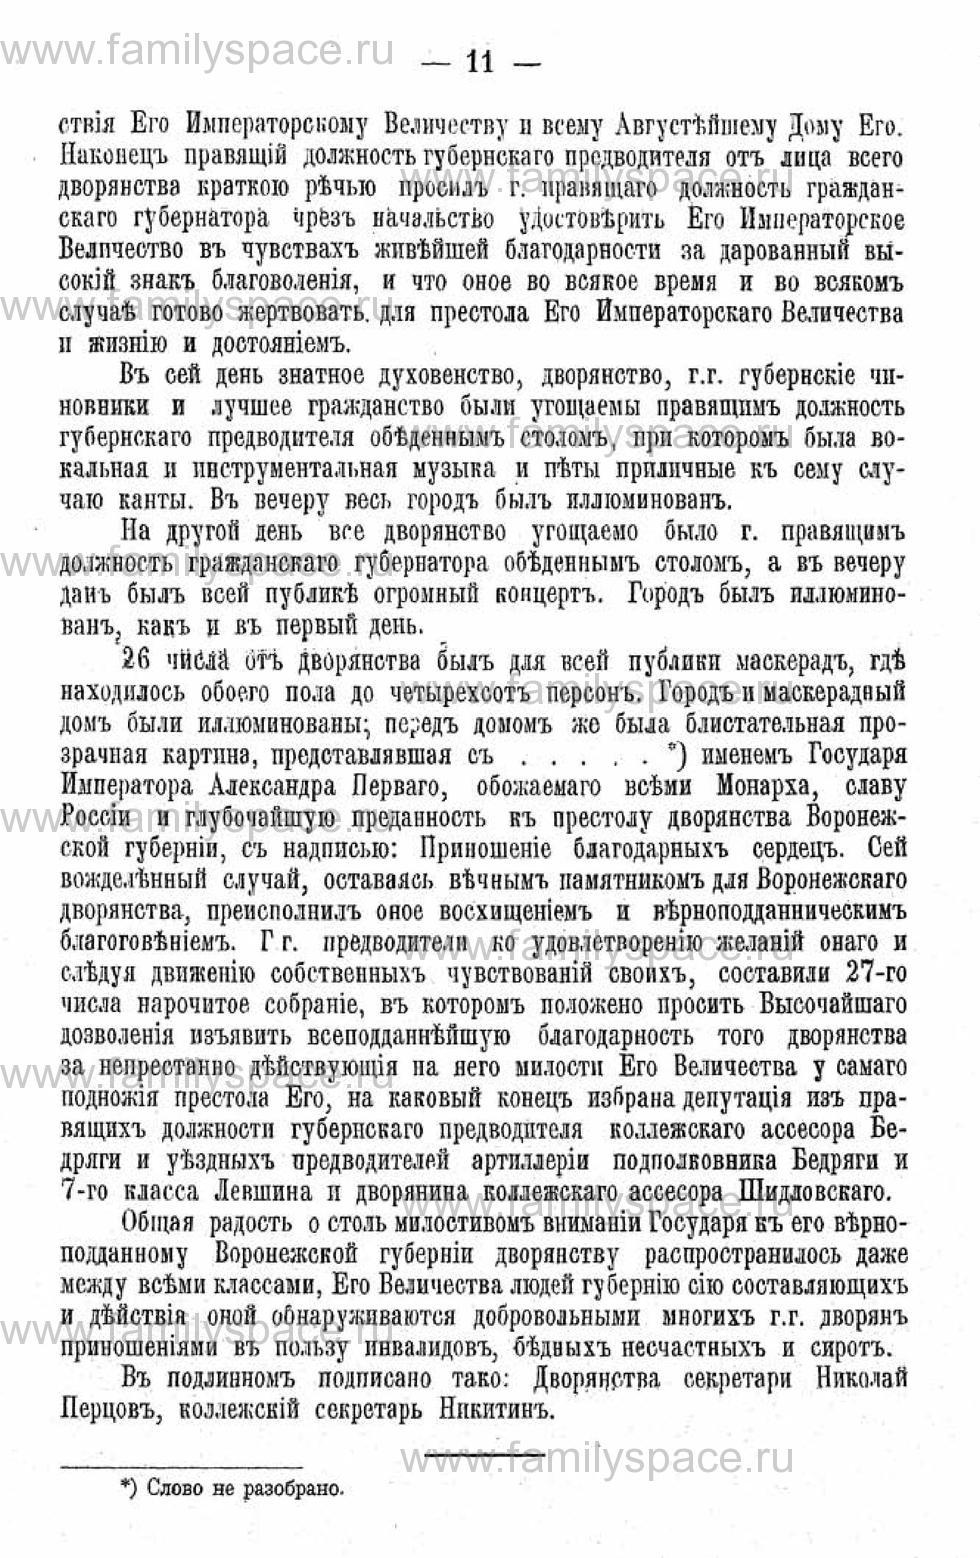 Поиск по фамилии - Памятная книжка Воронежской губернии на 1915 год, страница 5011